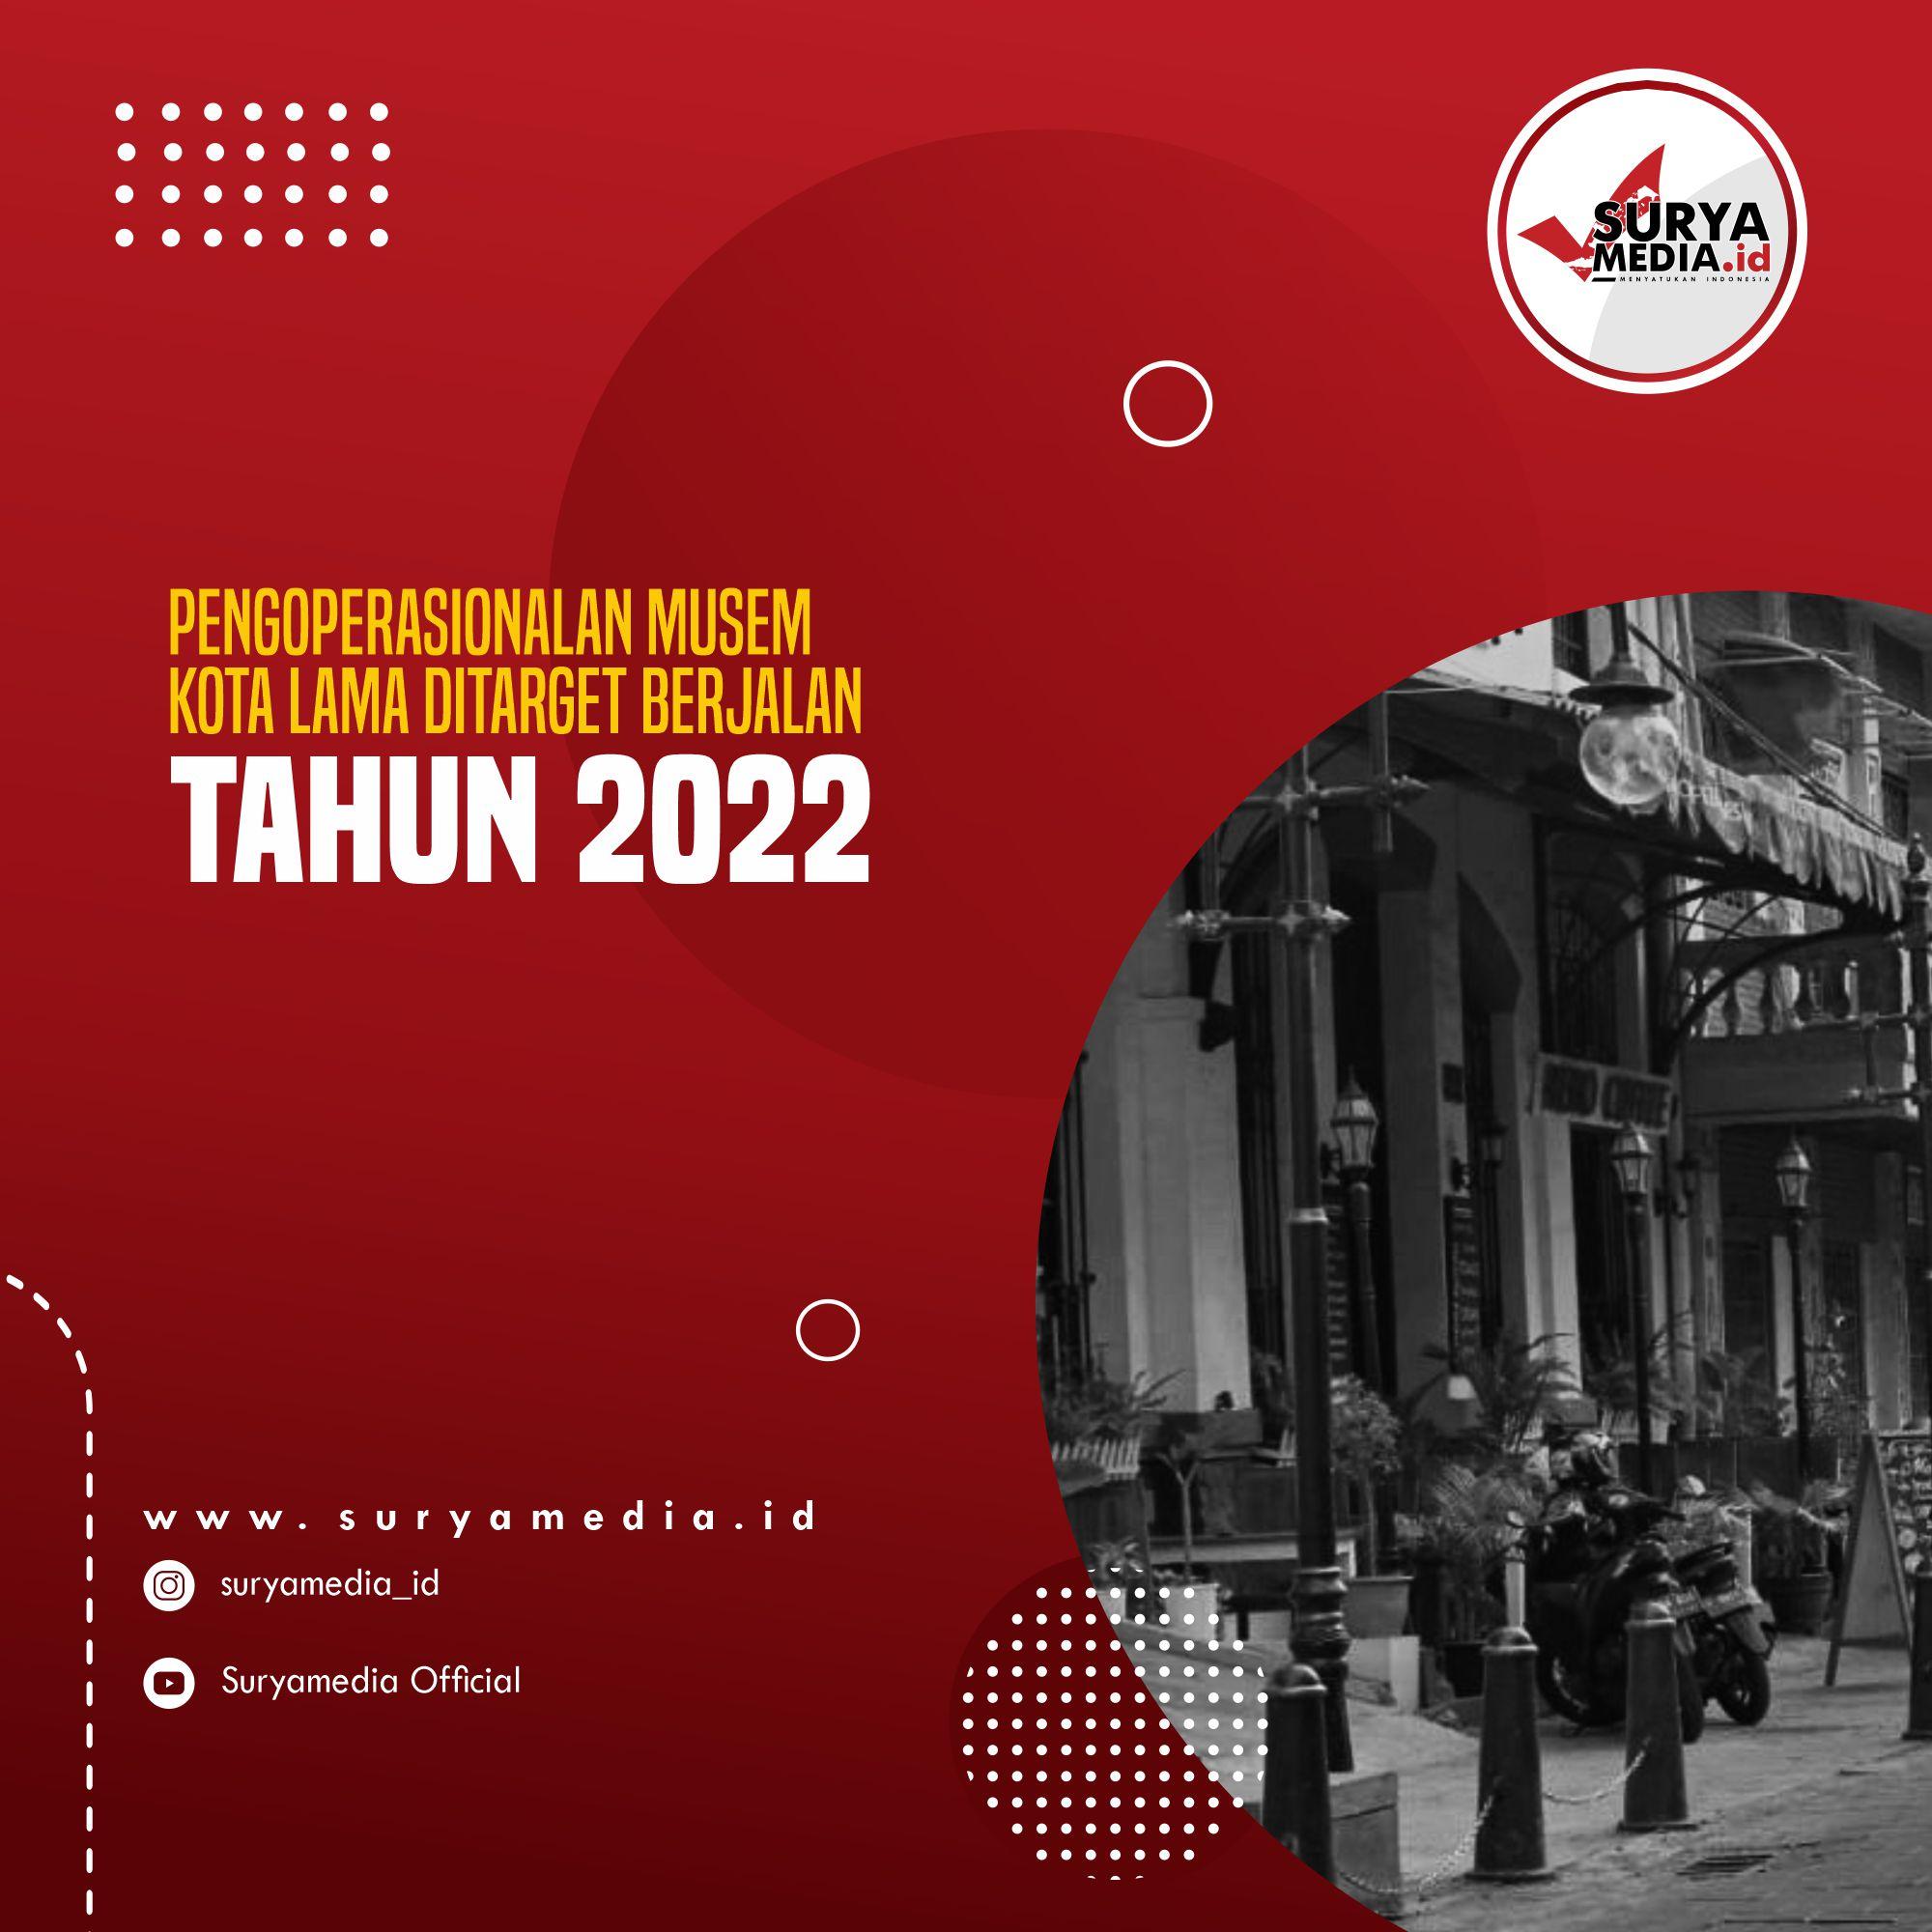 Pengoperasionalan Musem Kota Lama Ditarget Berjalan Tahun 2022 A